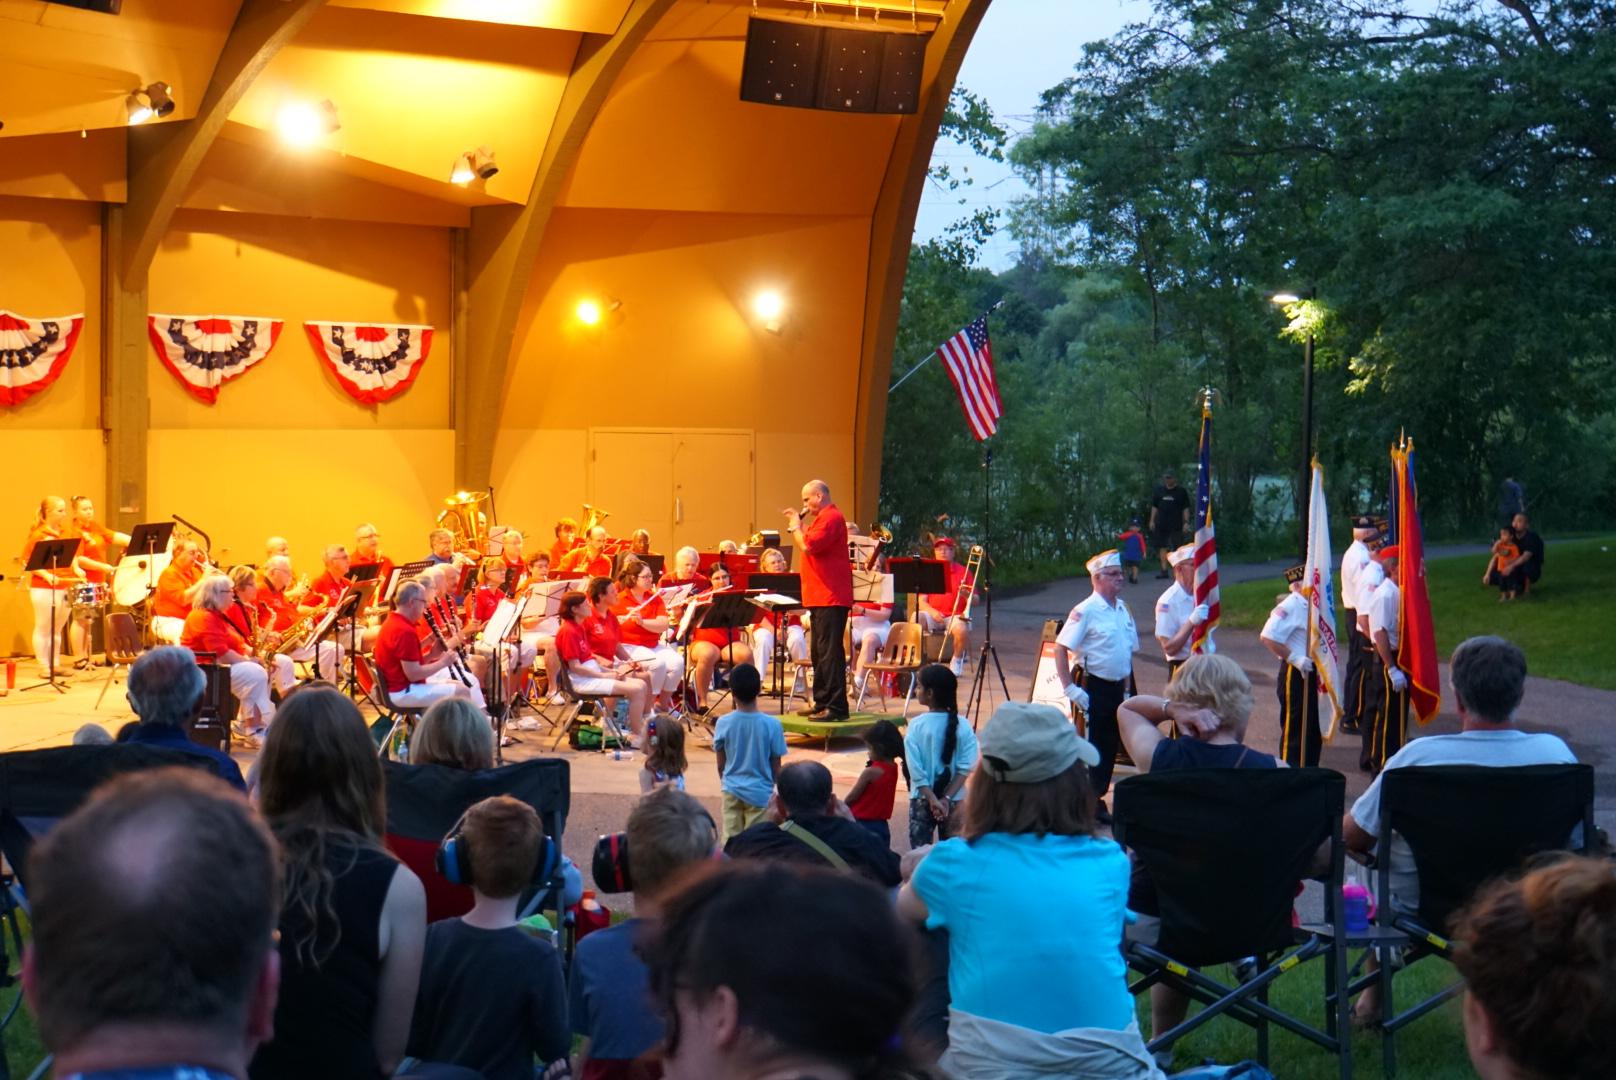 5軍OB代表を迎えた独立記念セレモニーとコンサート。終了後同じ市立公園内湖上で記念花火大会(ミネソタ州)